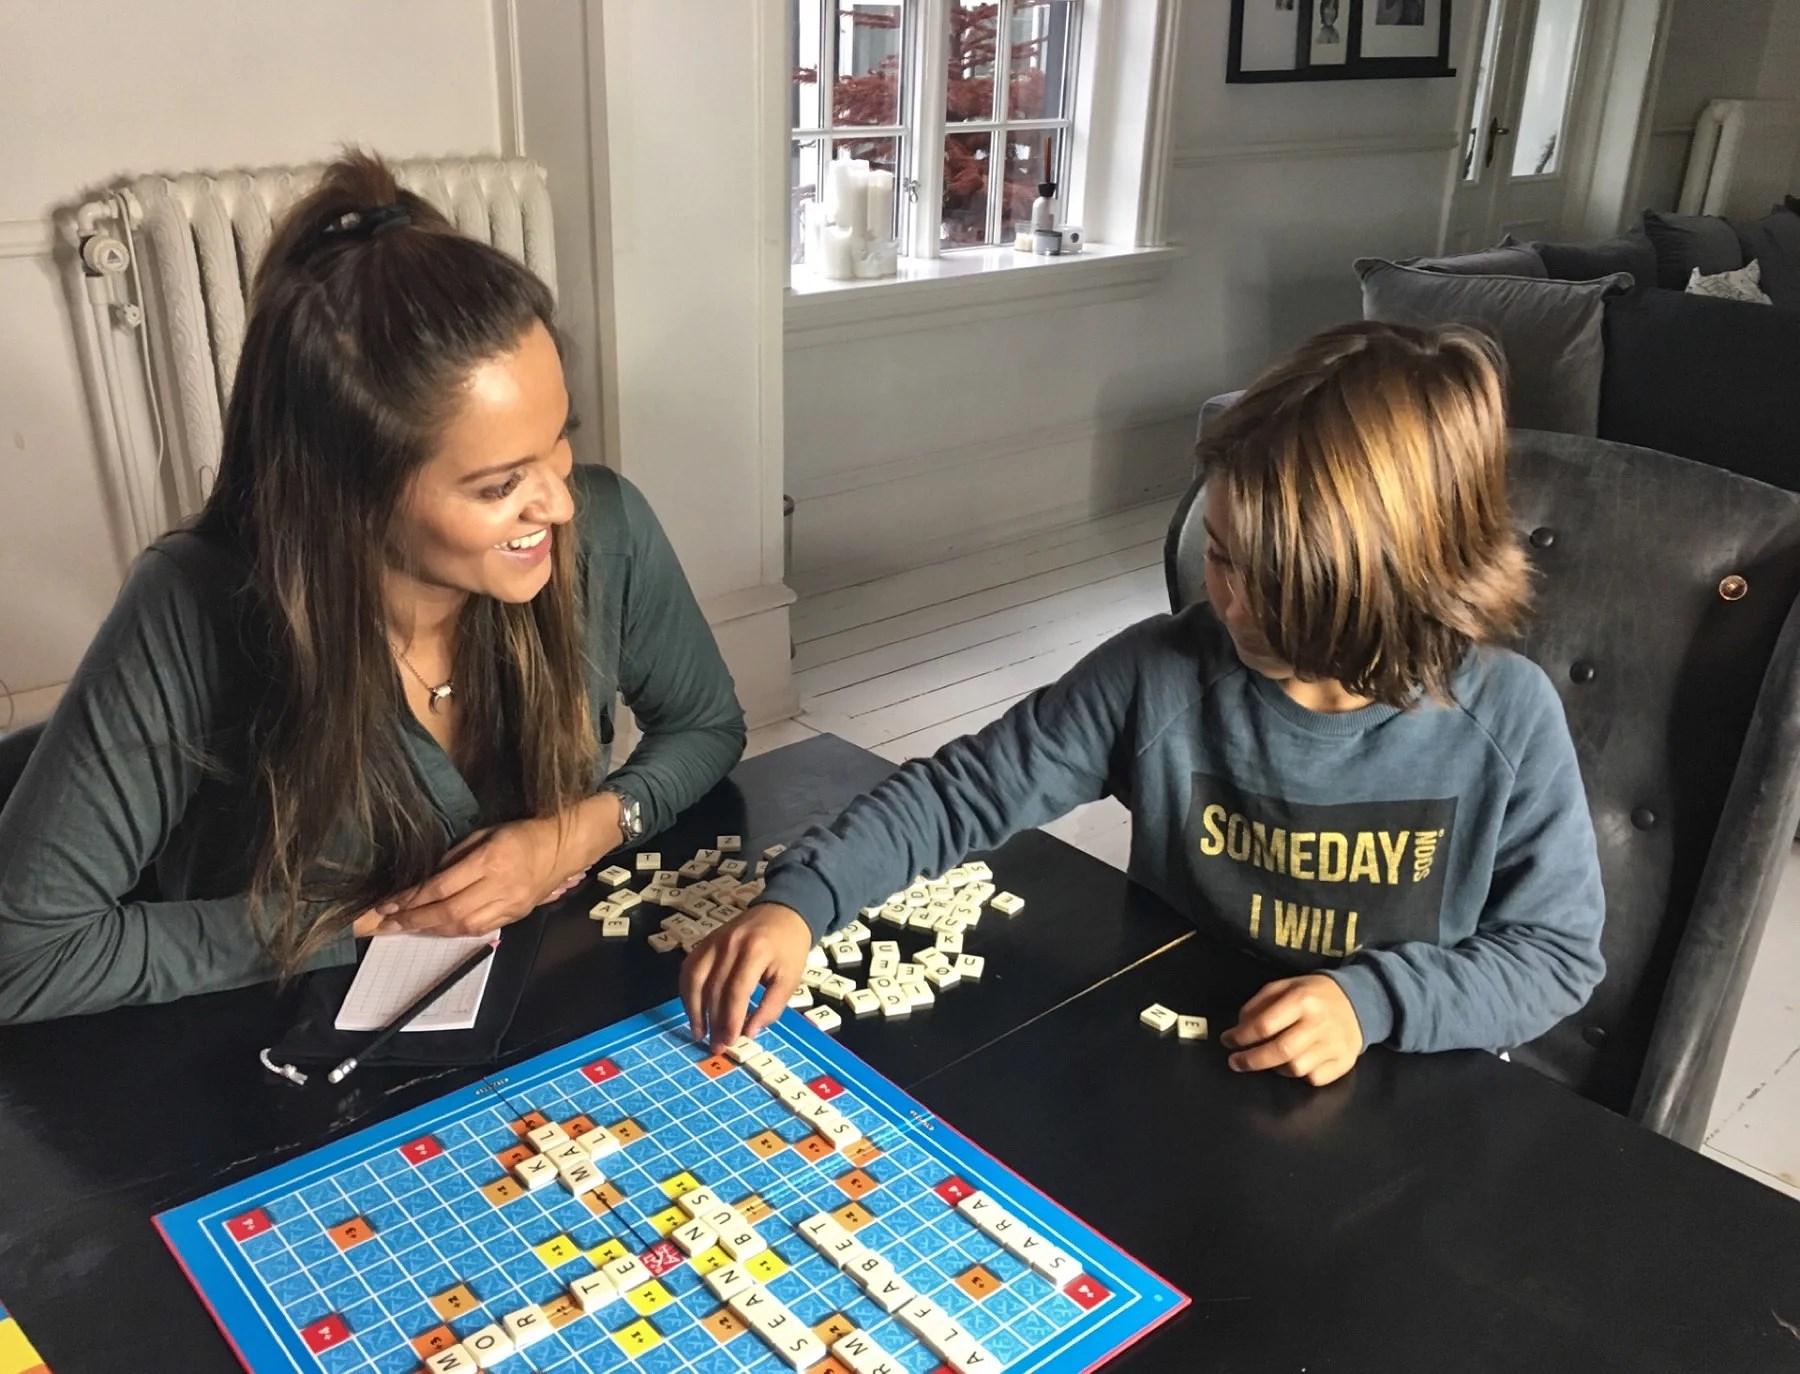 Vind Lærerige og sjove spil